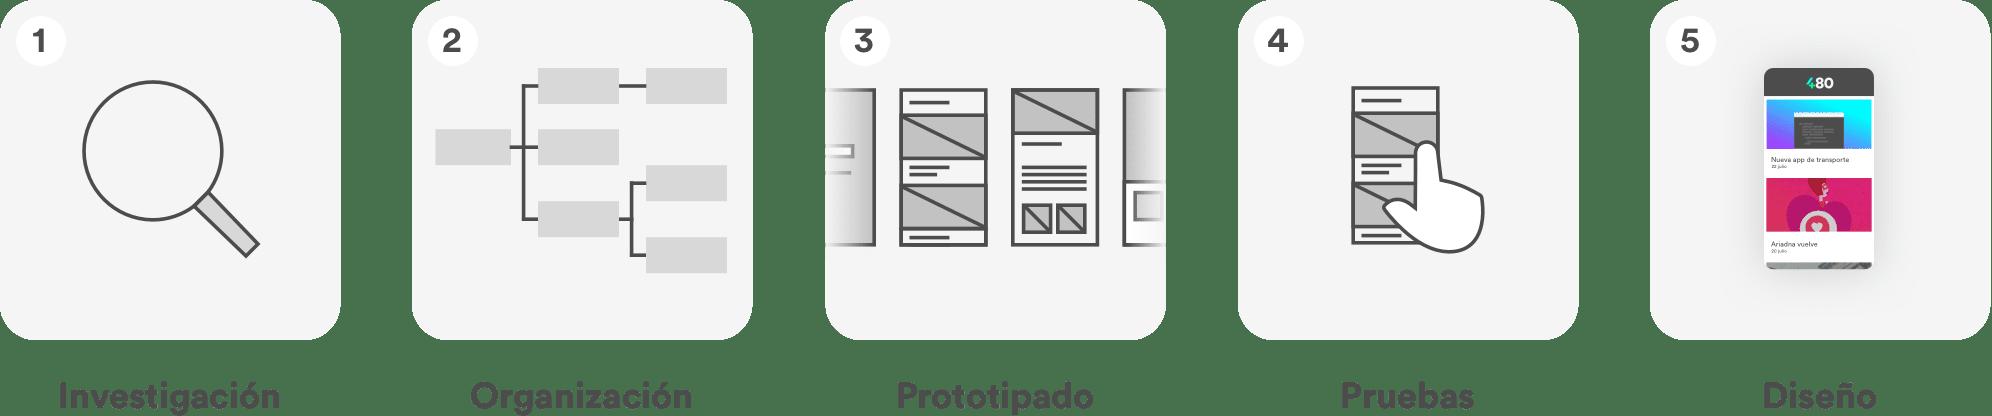 Investigación - Organización - Prototipado - Pruebas – Diseño